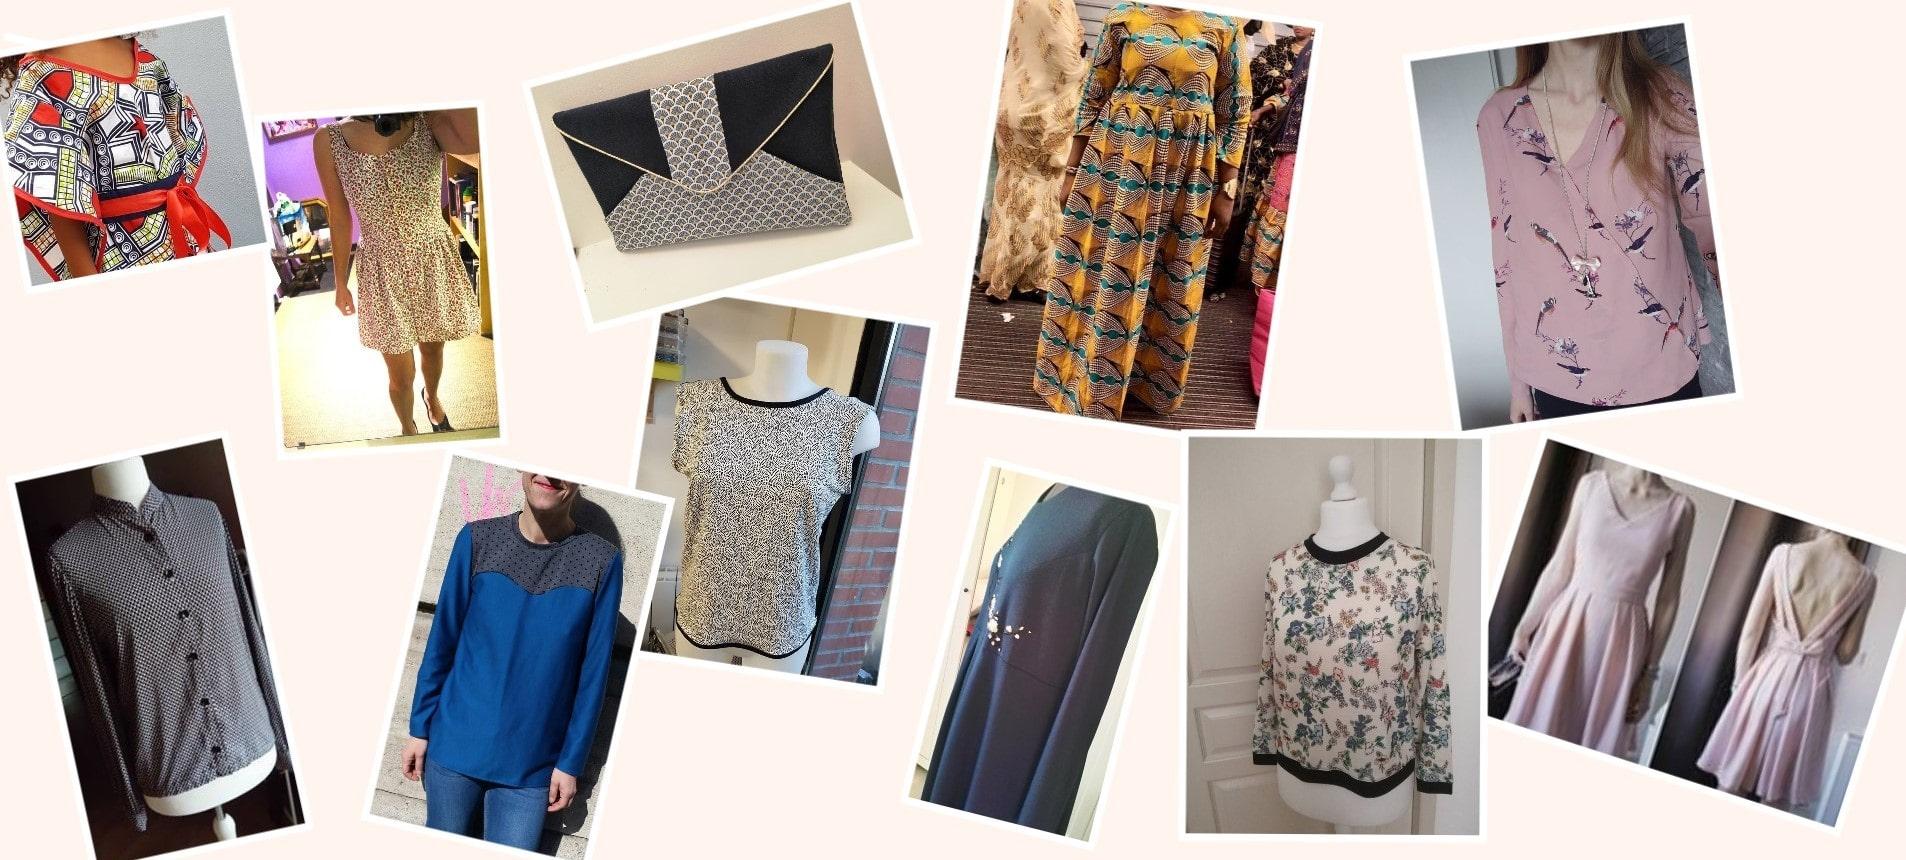 e0a0e21287bb6 Cours de couture en ligne - Créer vos propres vêtements et accessoires